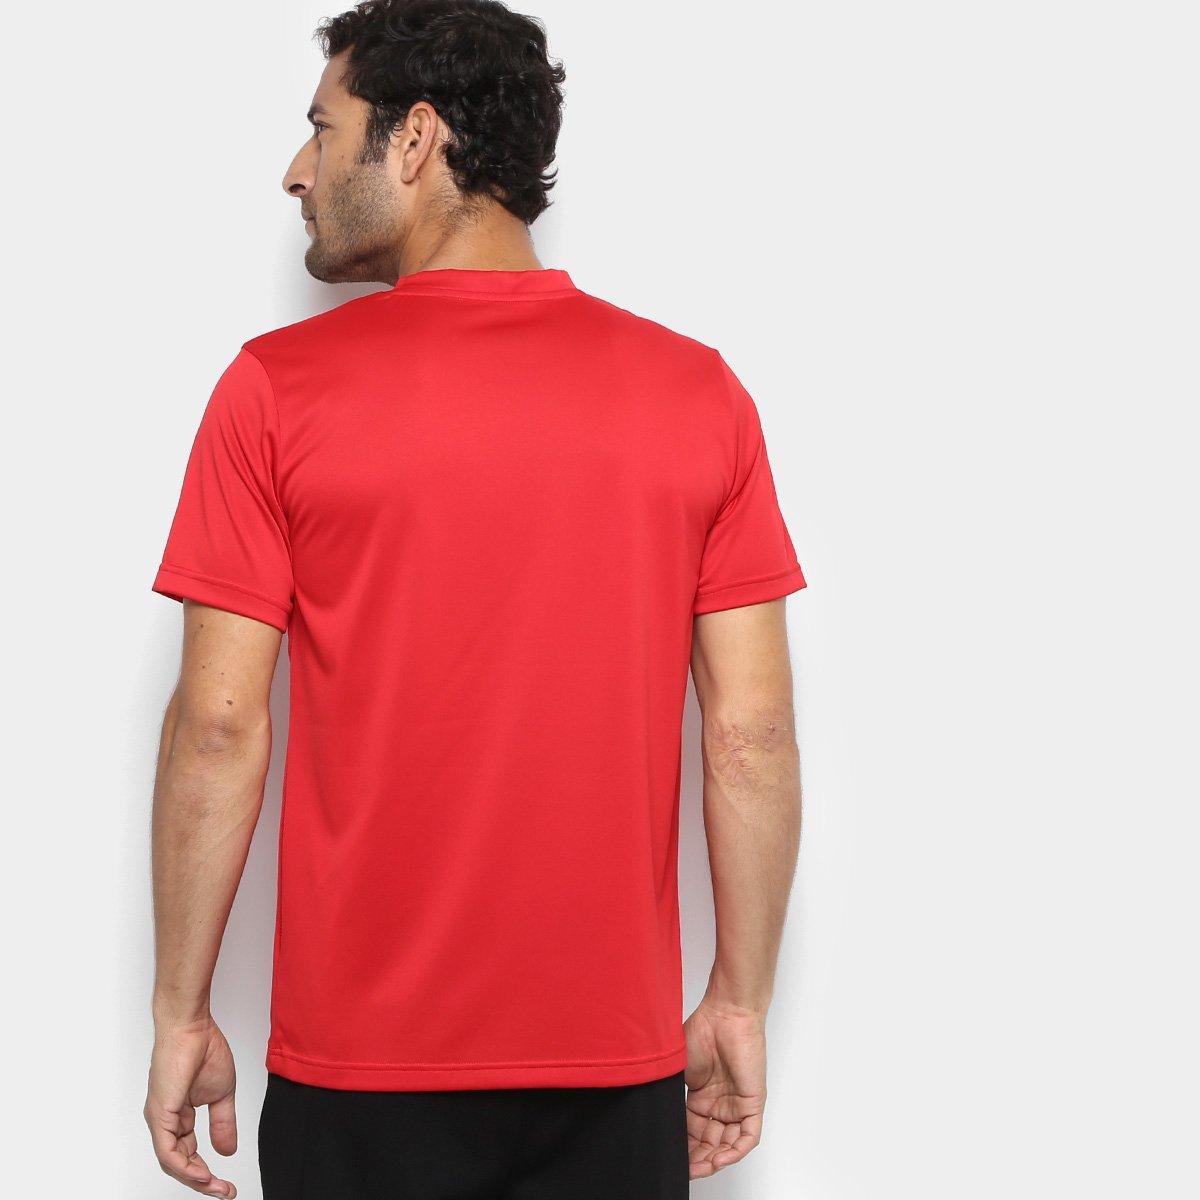 130d591d3d ... Camiseta Puma Scuderia Ferrari EVO Masculina - Compre Agora Netshoes  a0f6d25cd03445